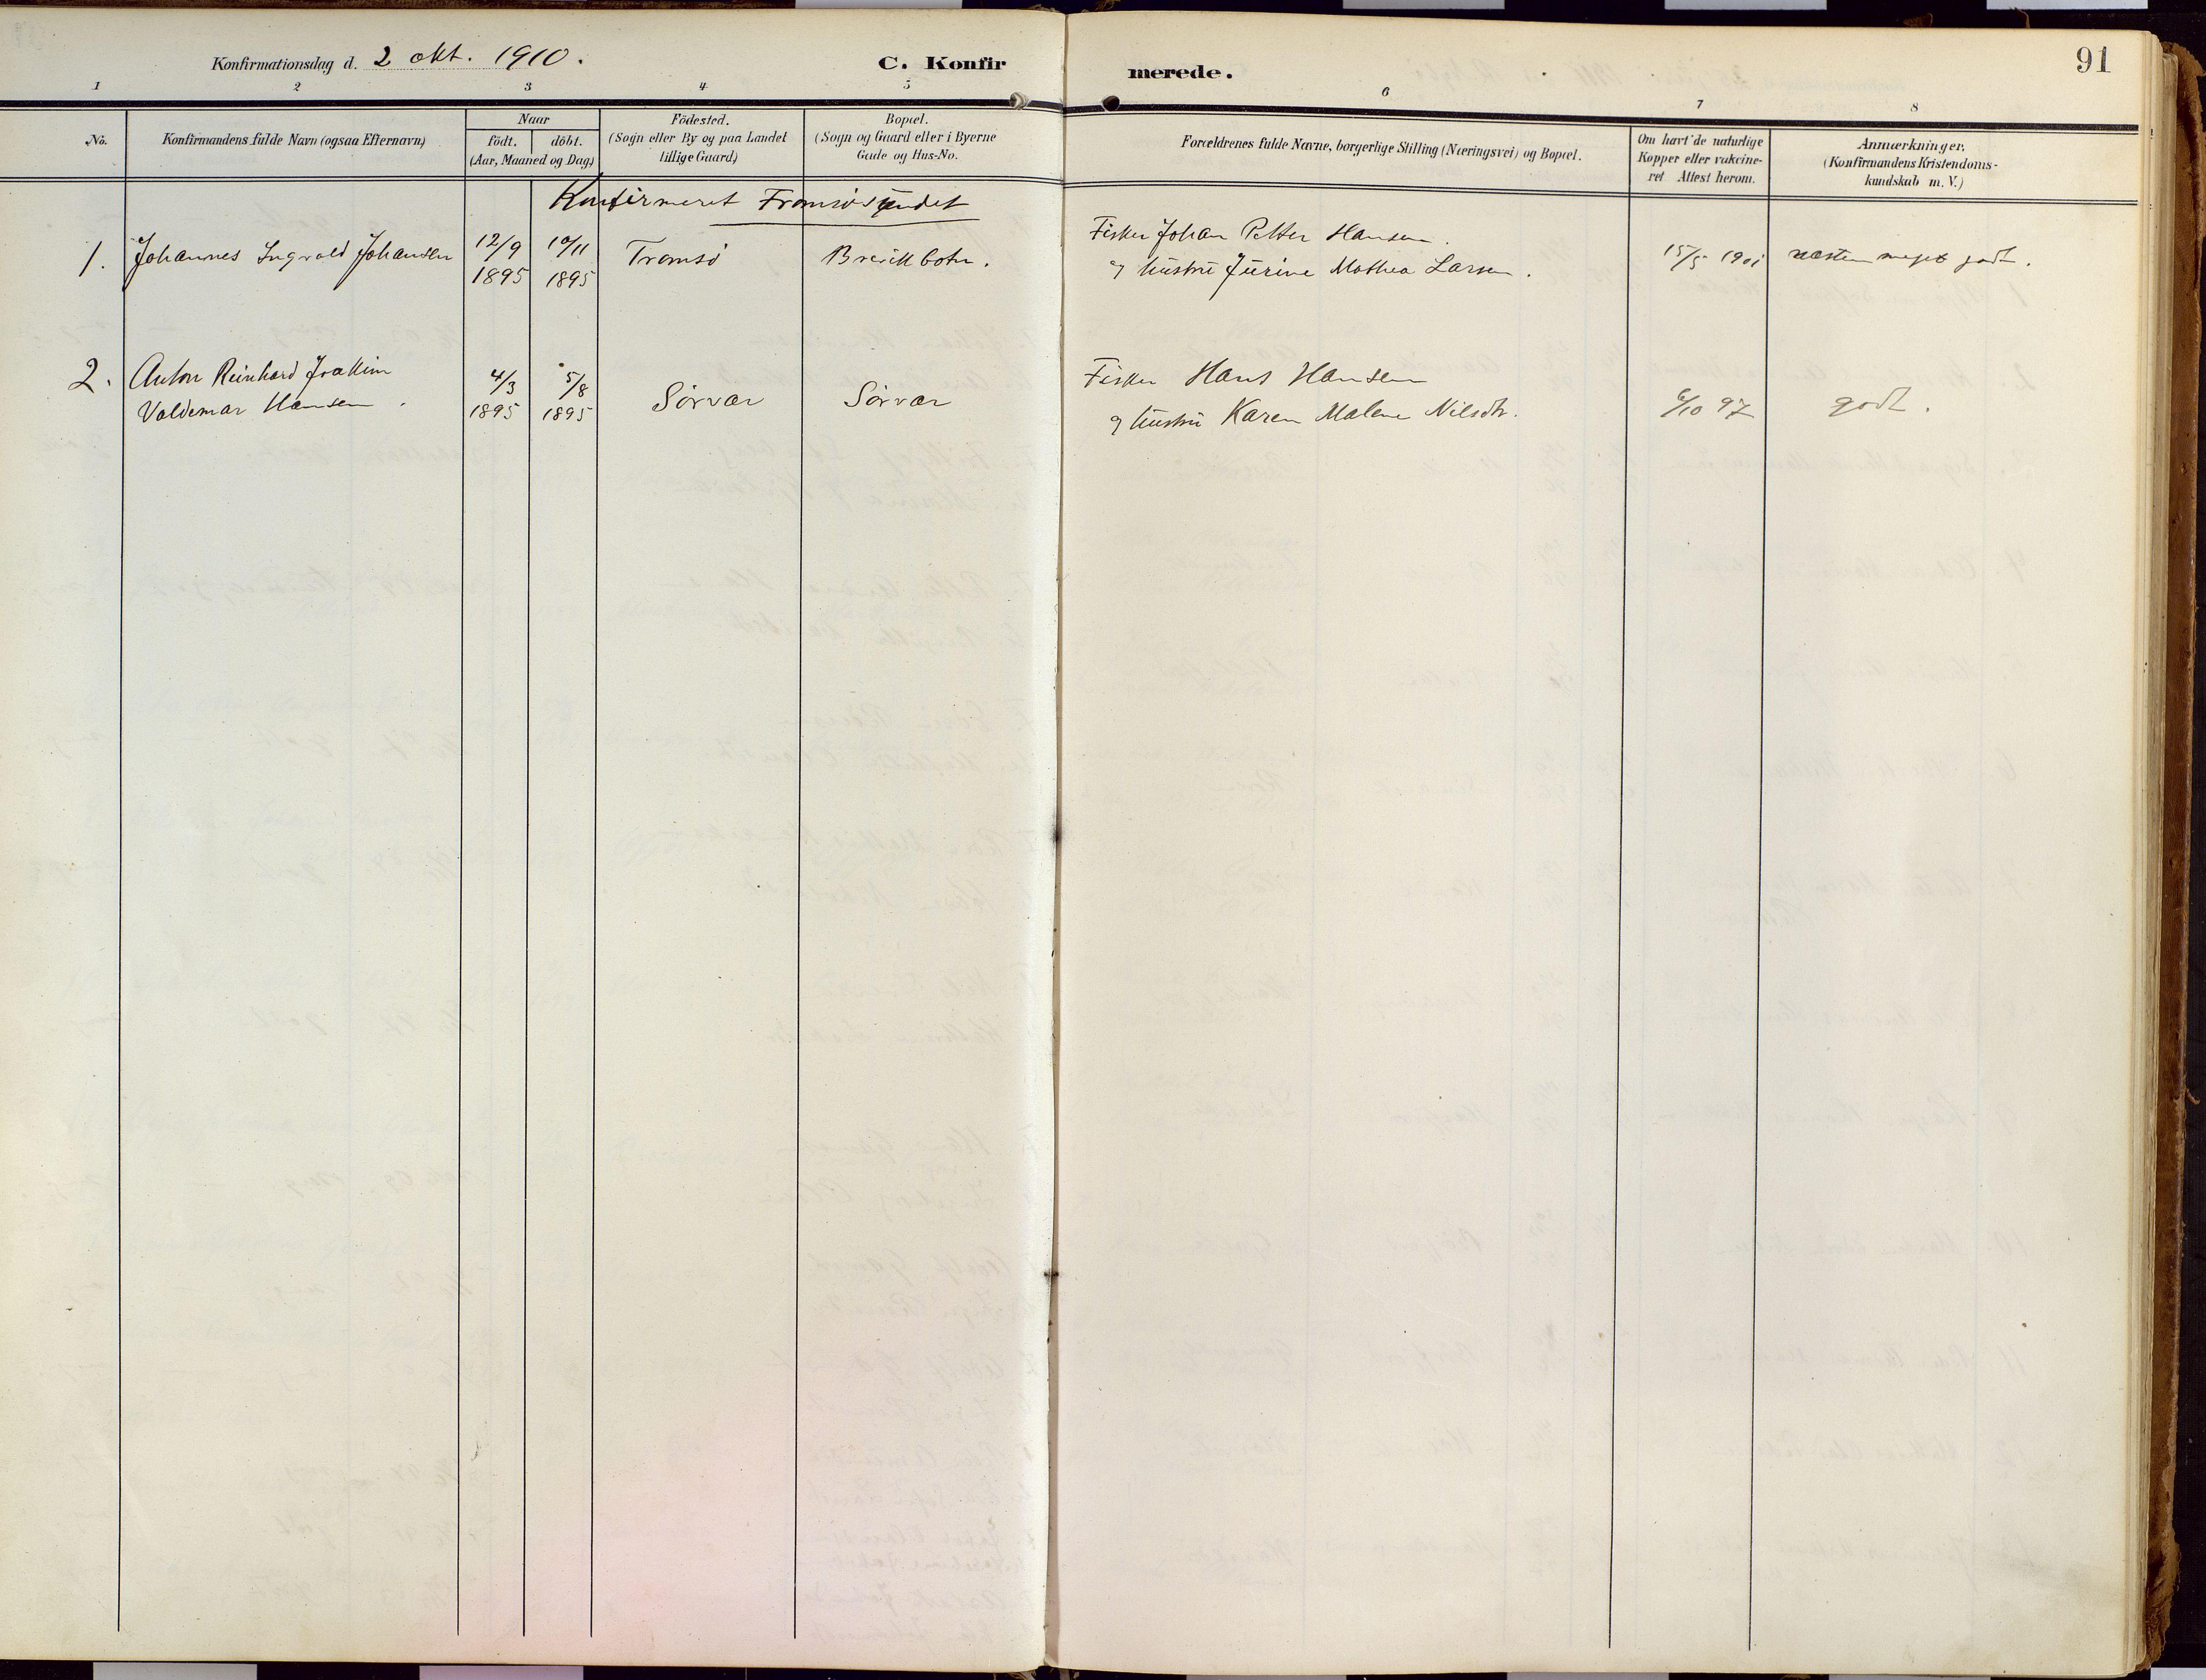 SATØ, Loppa sokneprestkontor, H/Ha/L0010kirke: Ministerialbok nr. 10, 1907-1922, s. 91